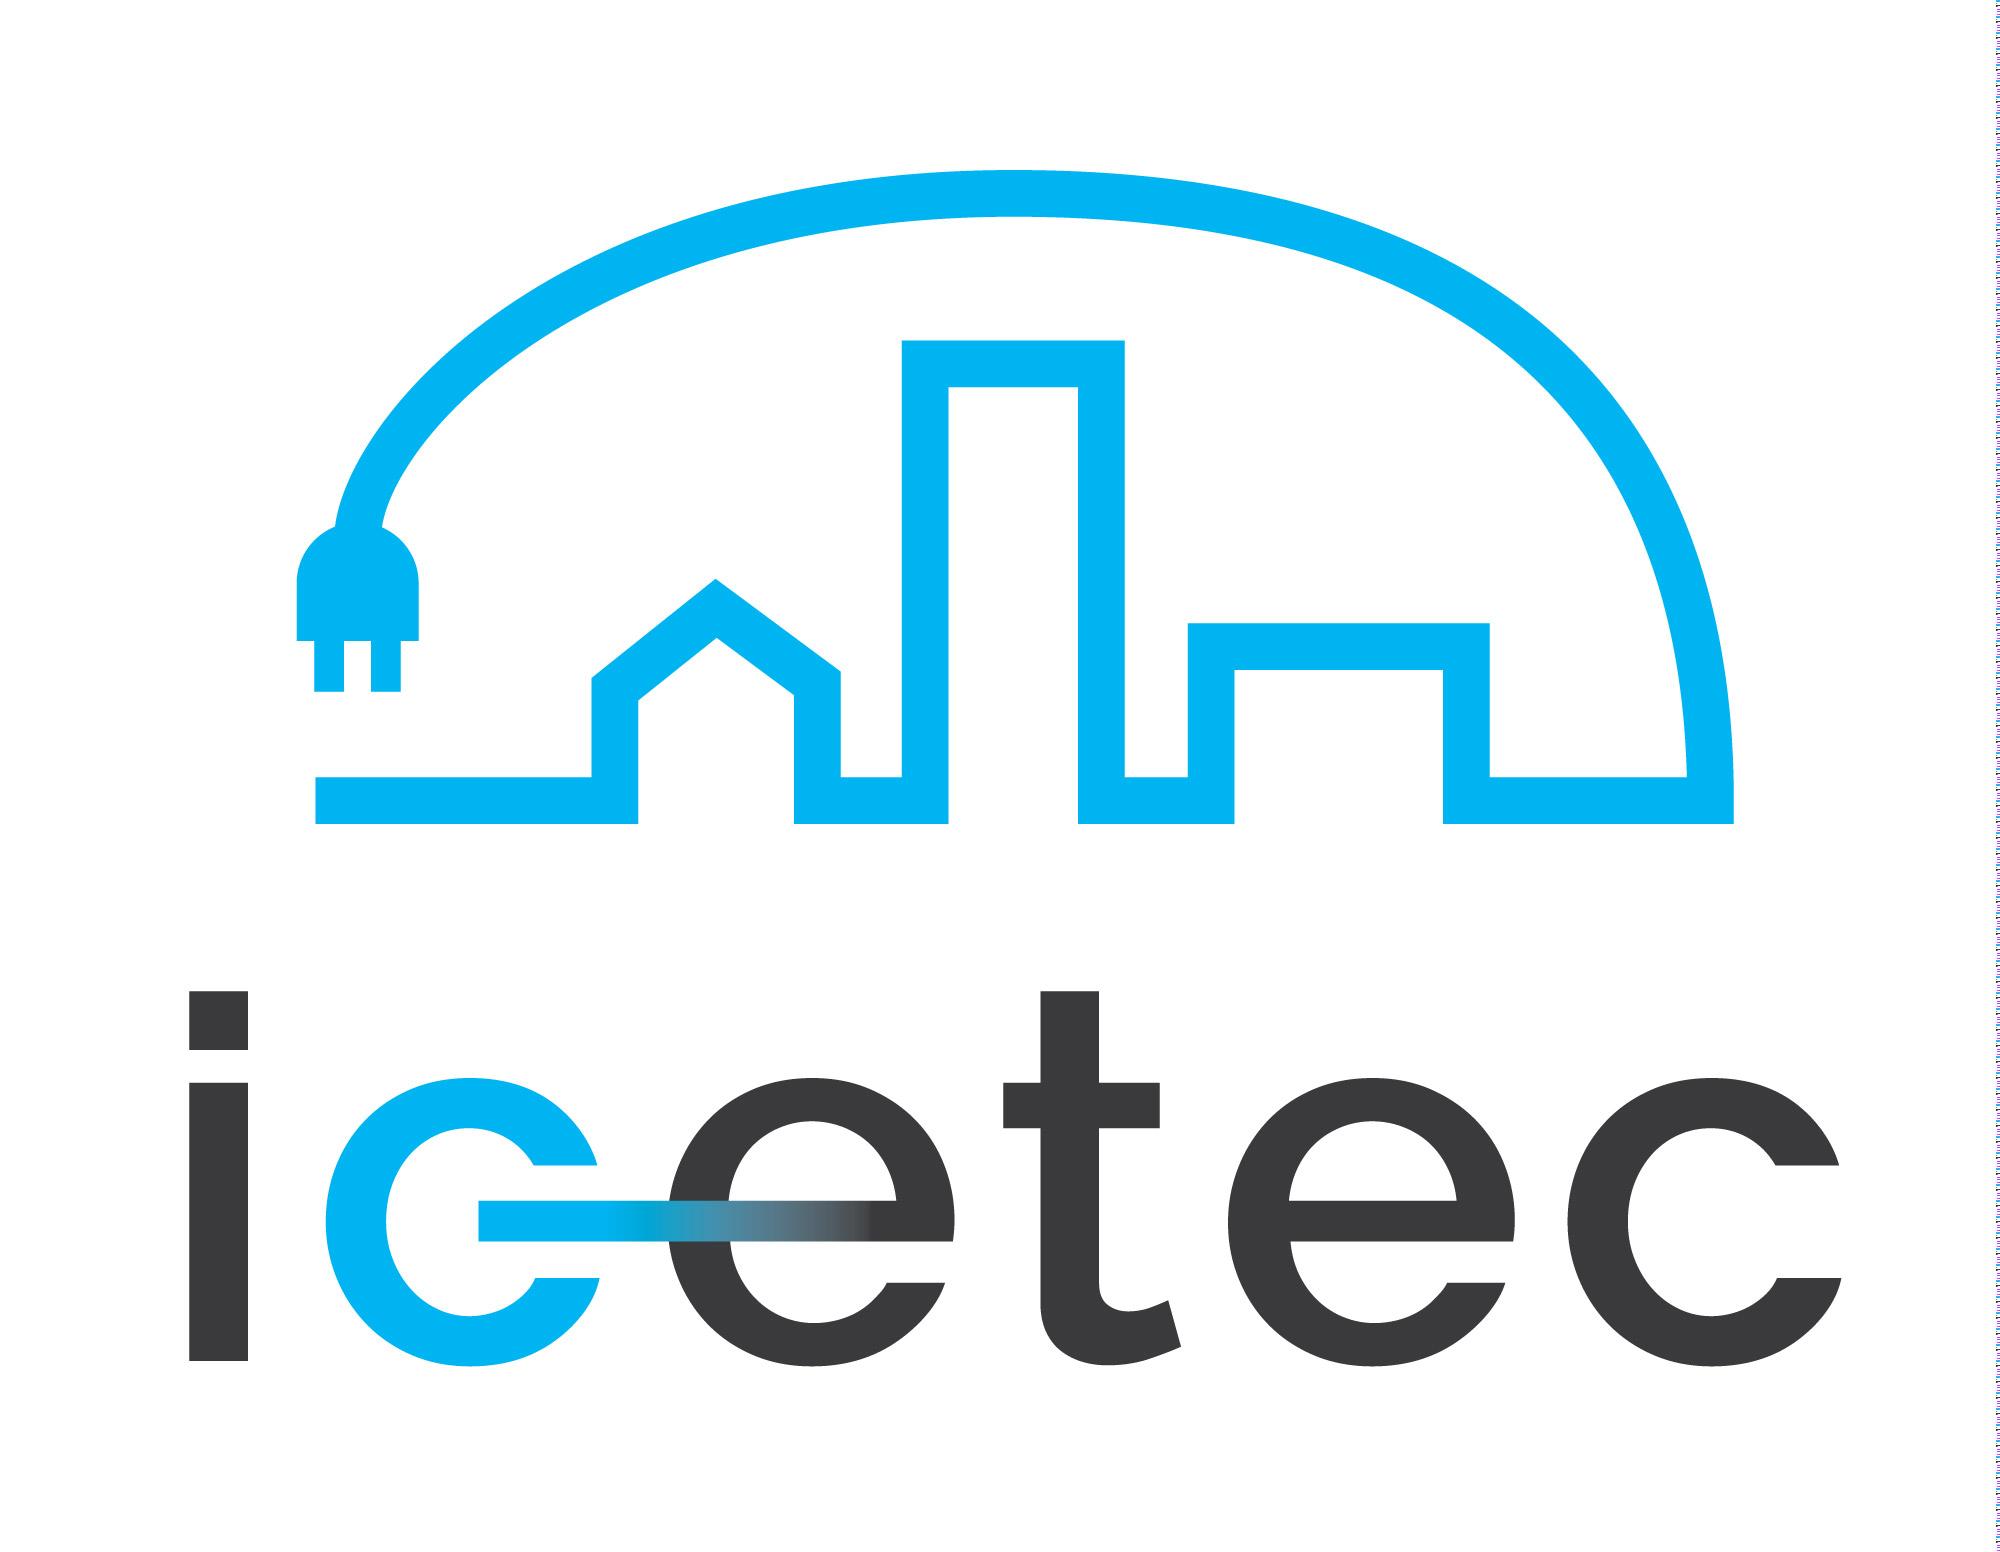 Icetec_logo_9.9.15